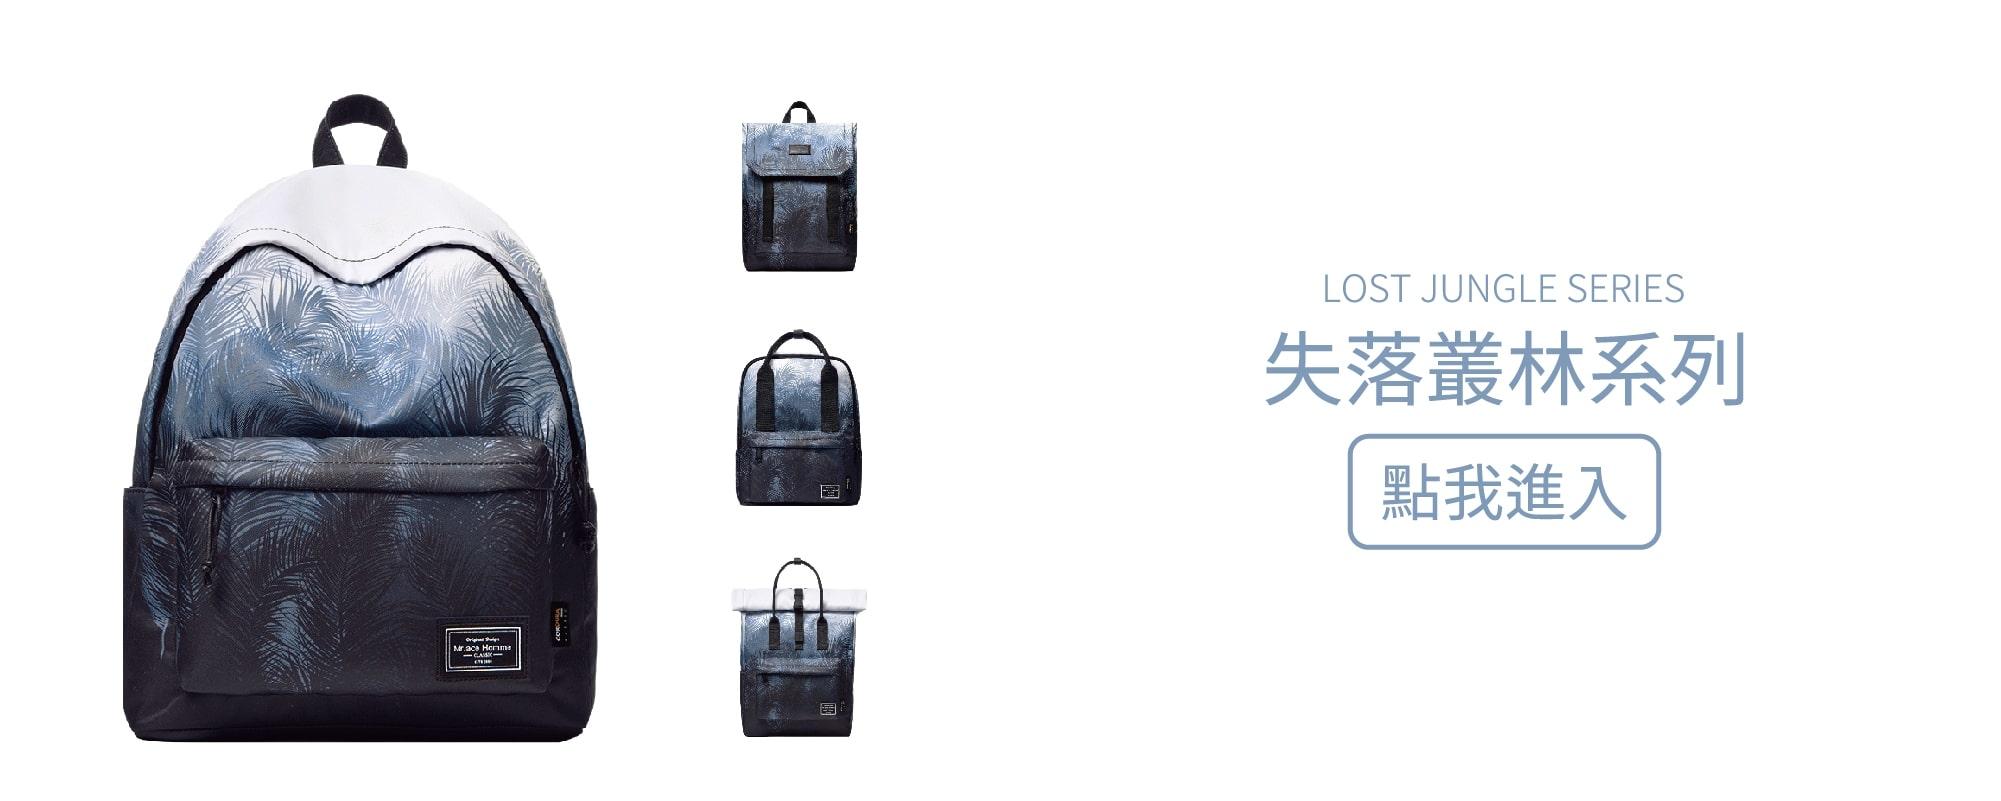 失落叢林系列後背包 | HC STORE